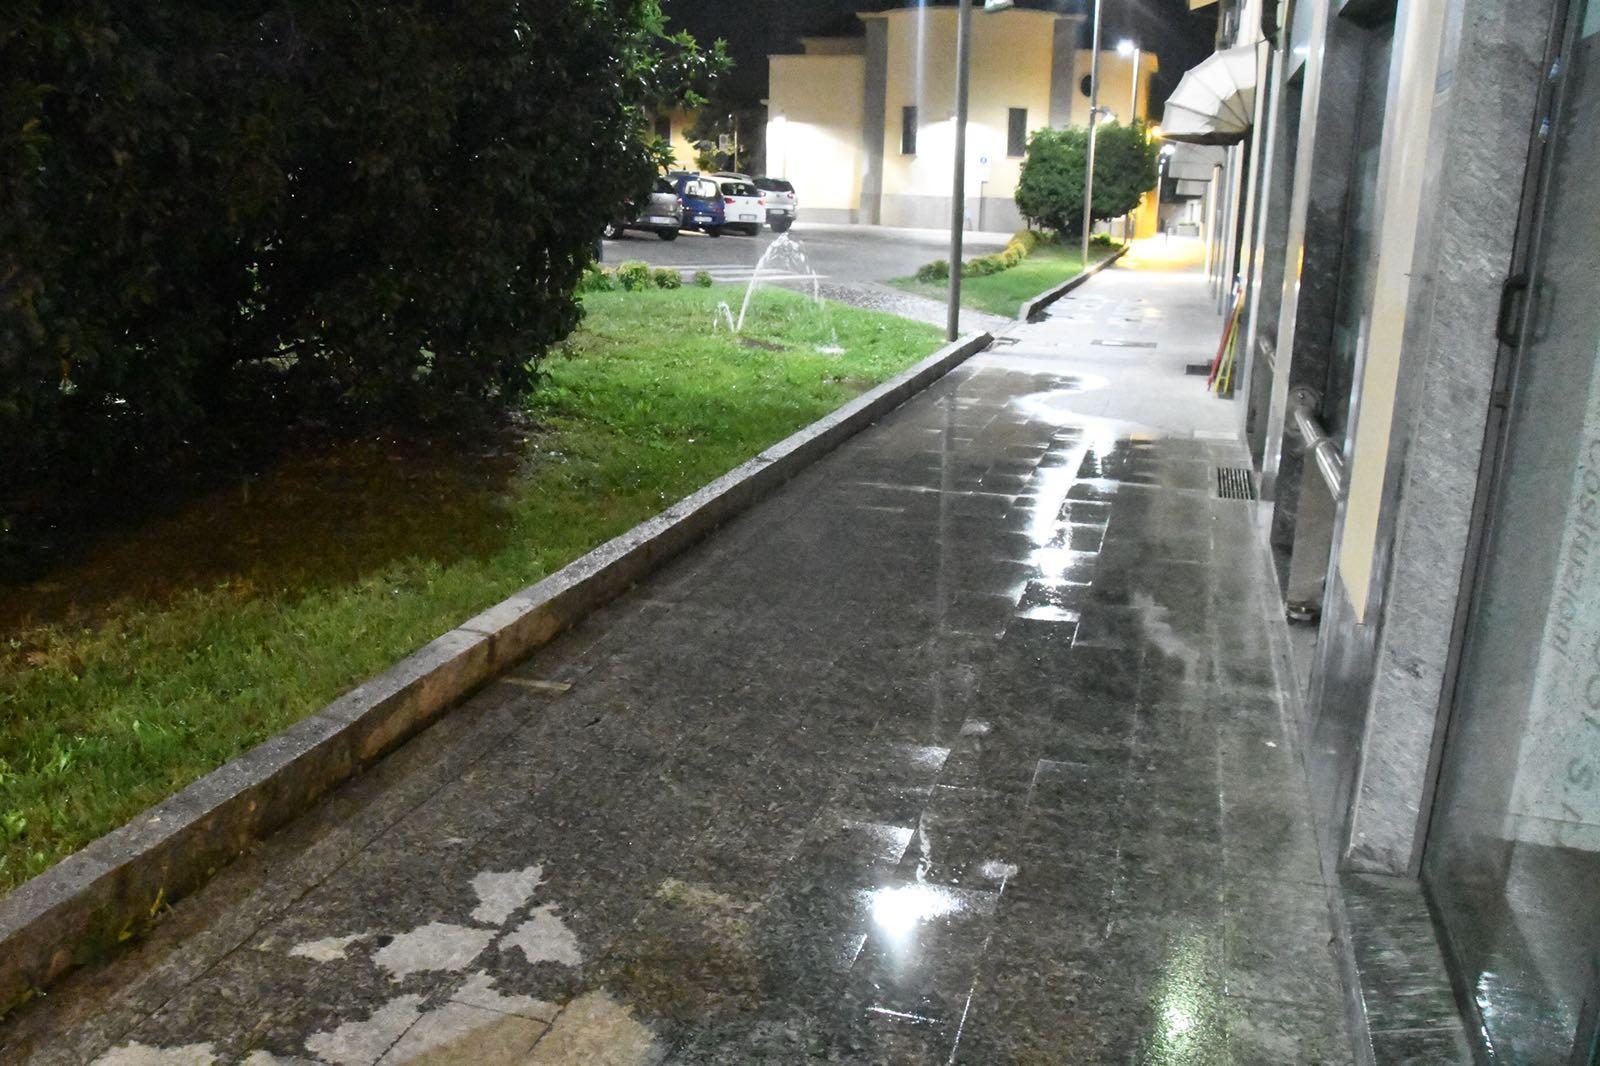 Un danno all'impianto di irrigazione e la piazza si allaga